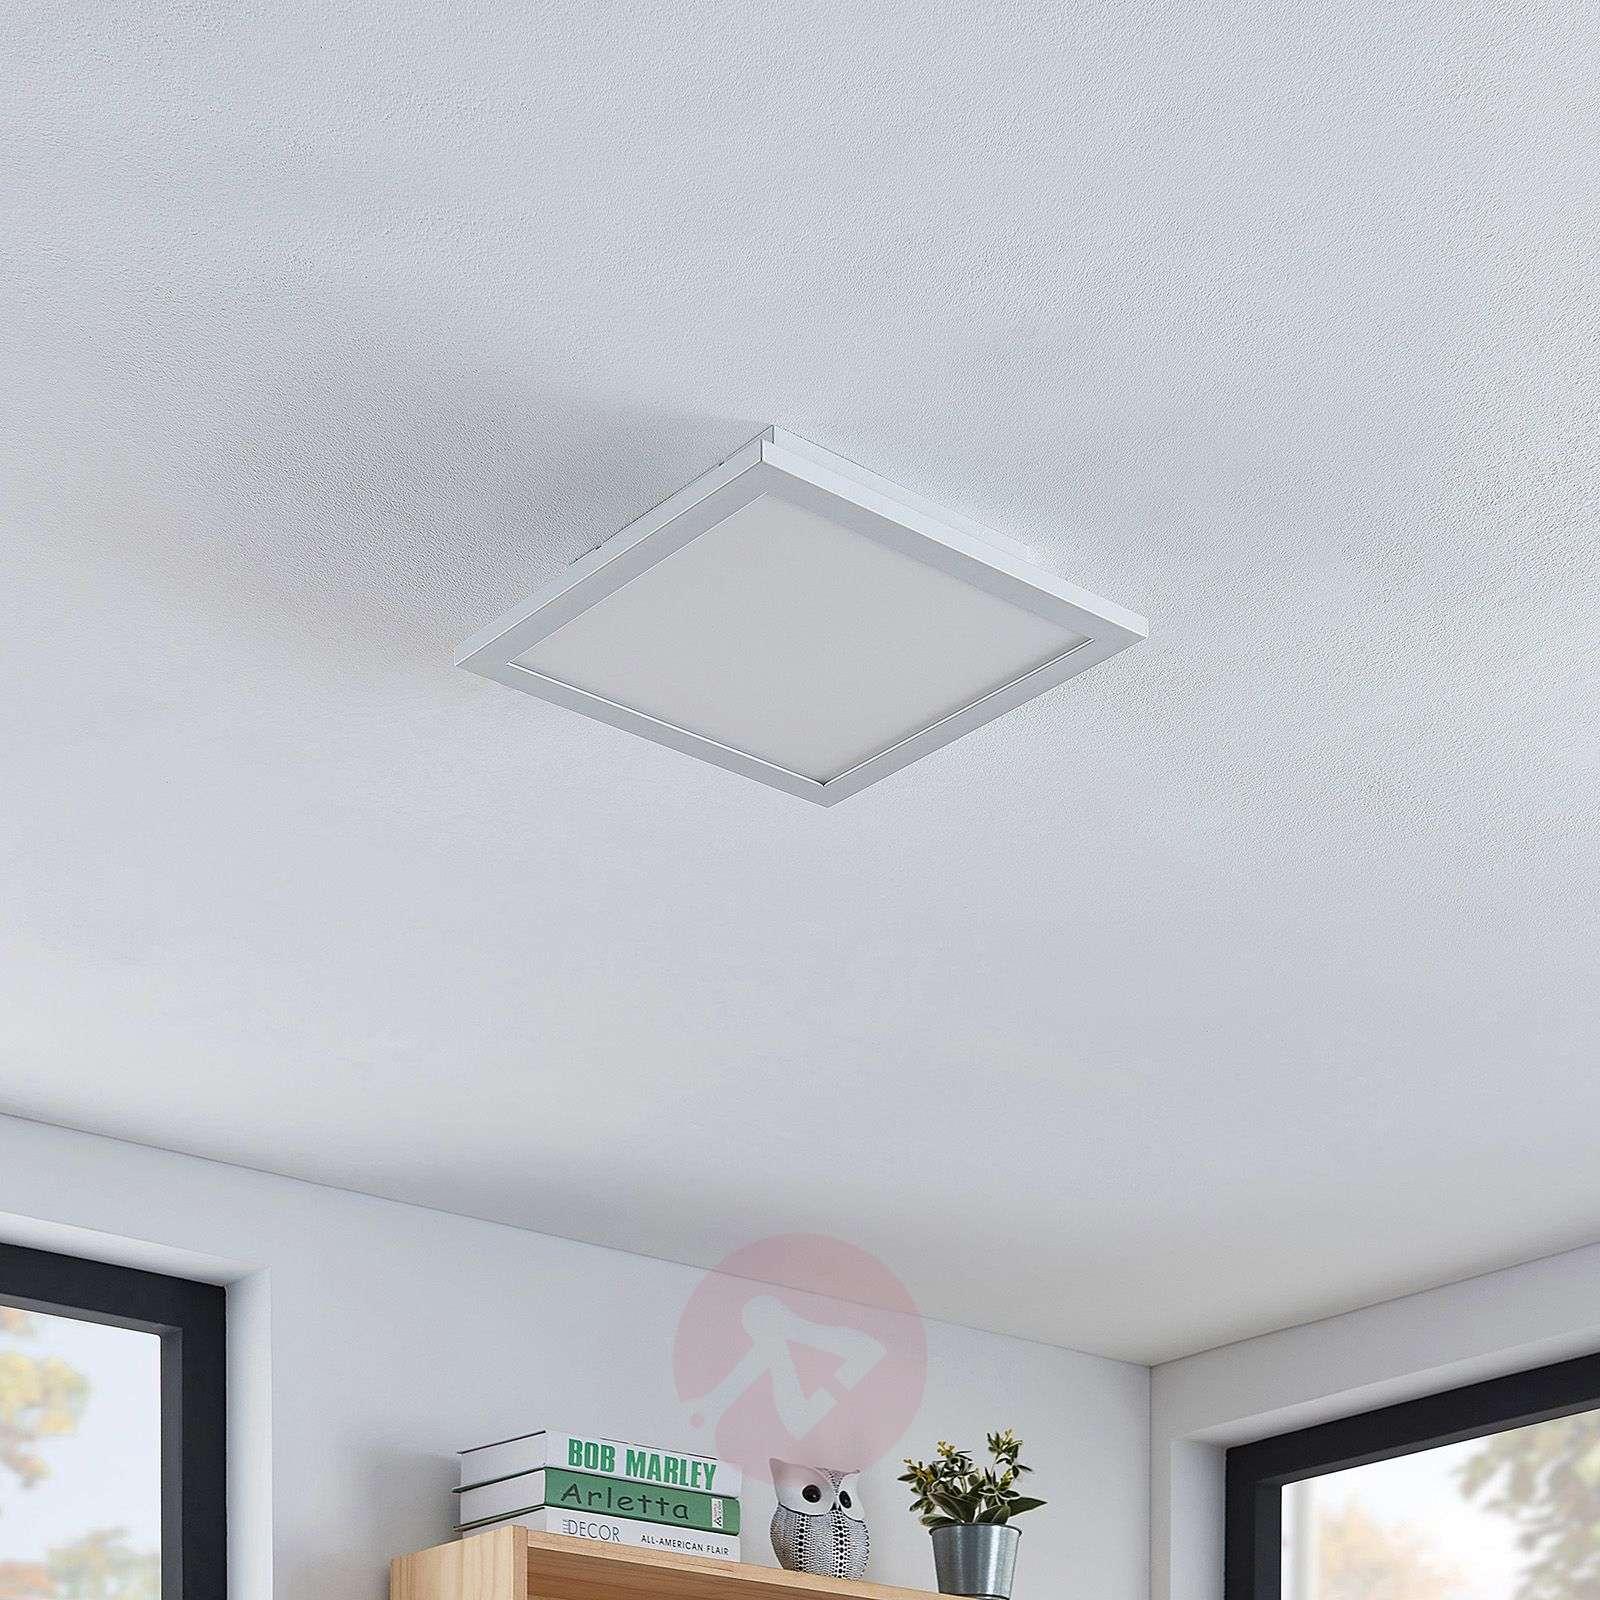 LED-kattovalaisin Milian kaukosäätimellä 30x30cm-7620058-02